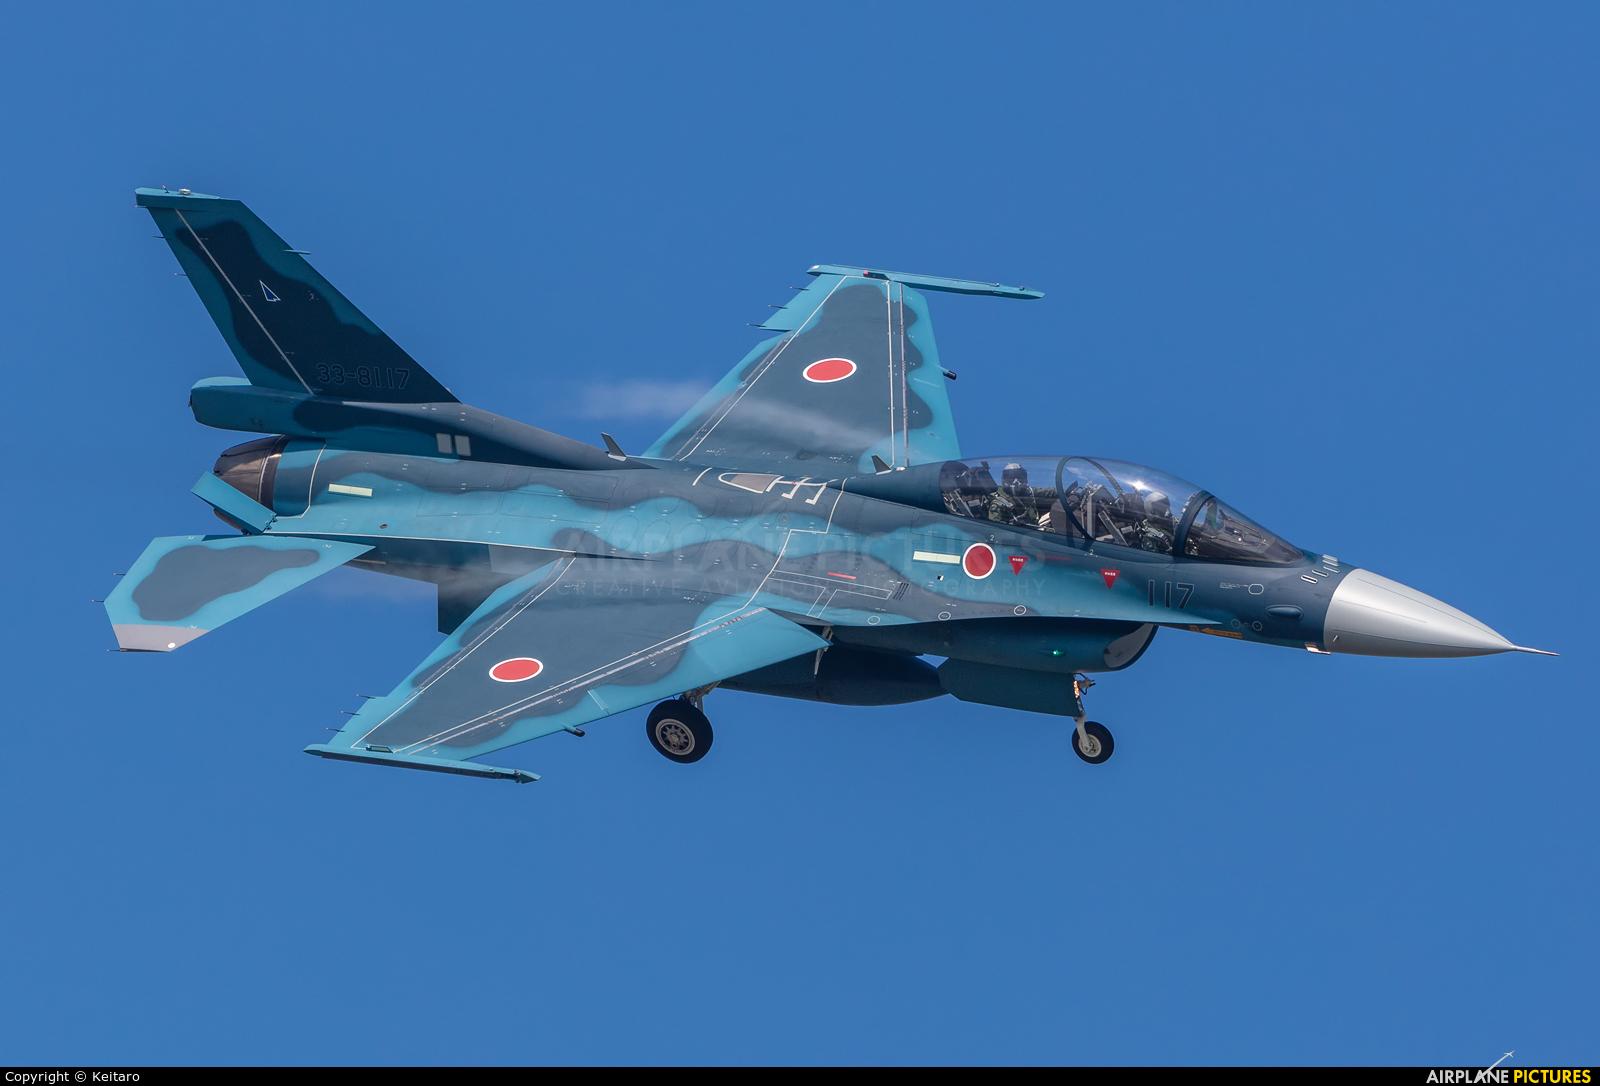 Japan - Air Self Defence Force 33-8117 aircraft at Matsushima AB